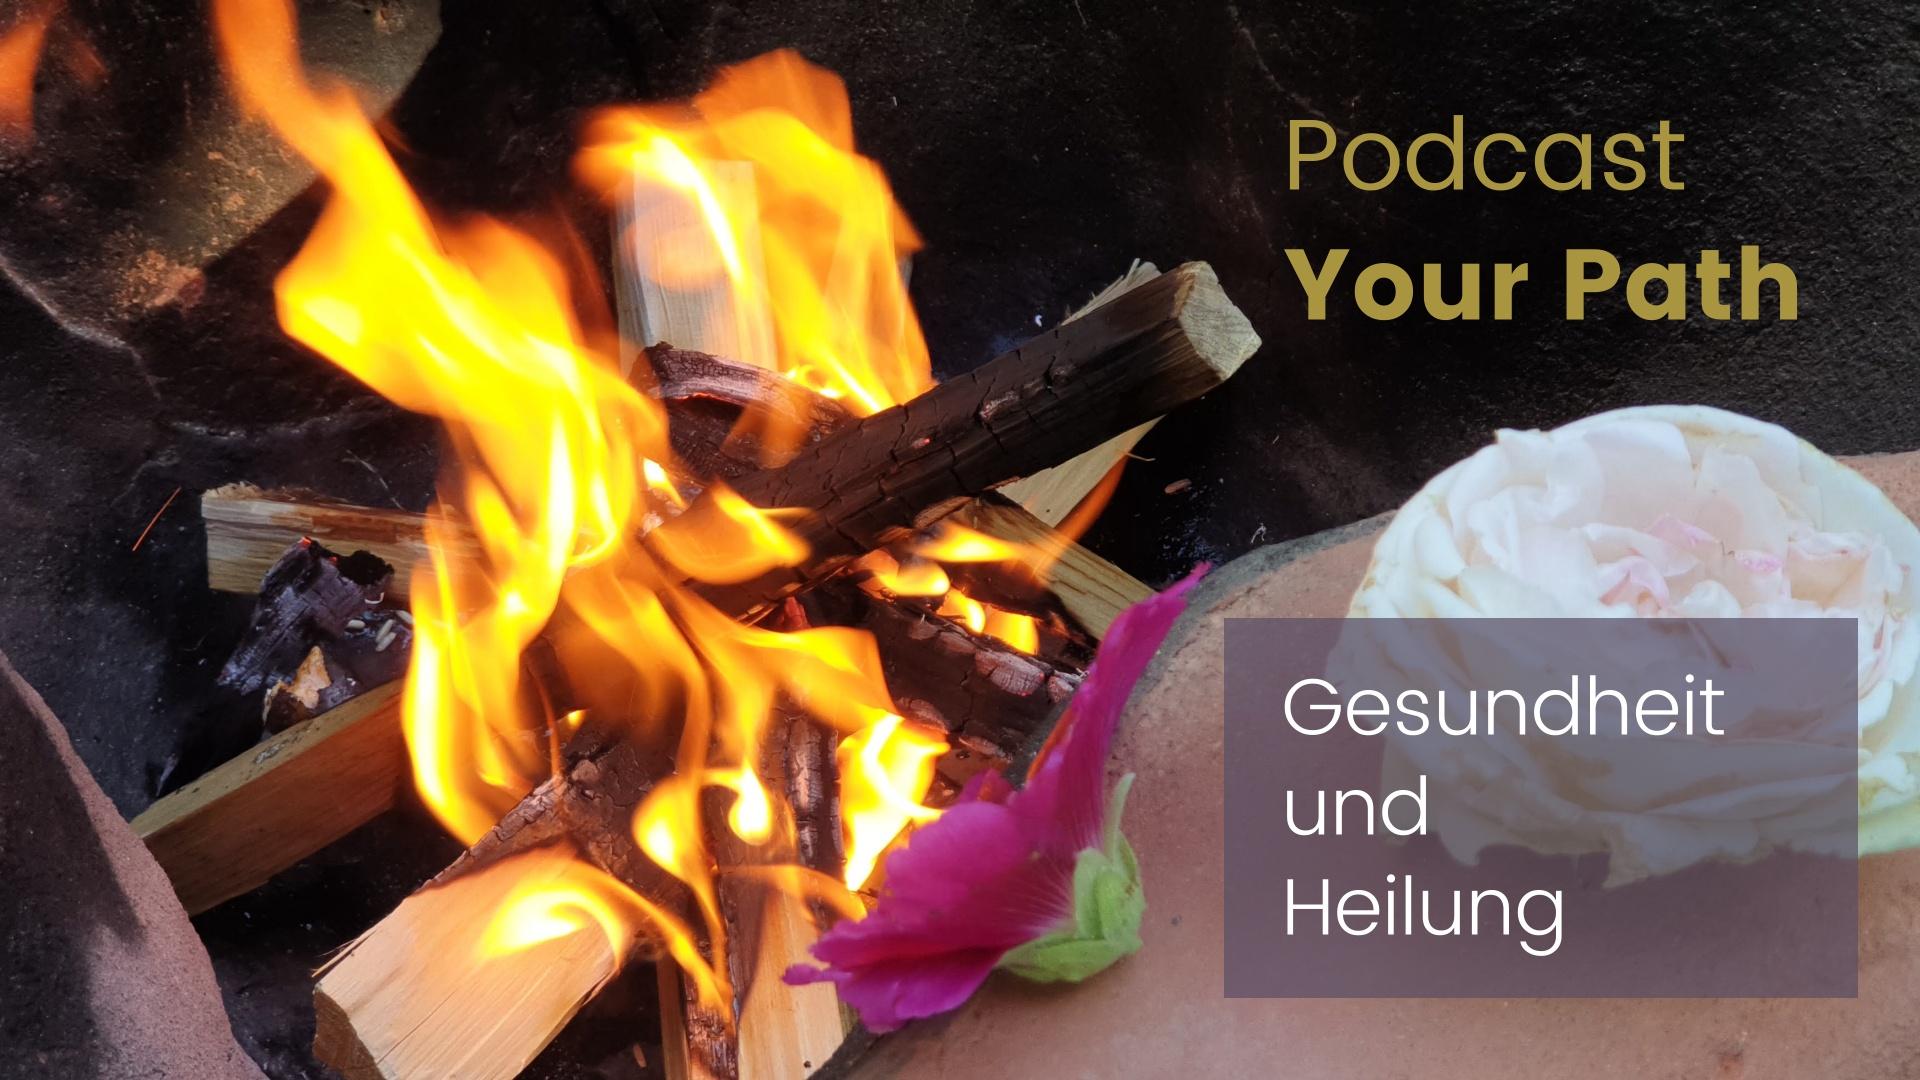 """Podcast """"Your Path"""": Gesundheit und Heilung"""